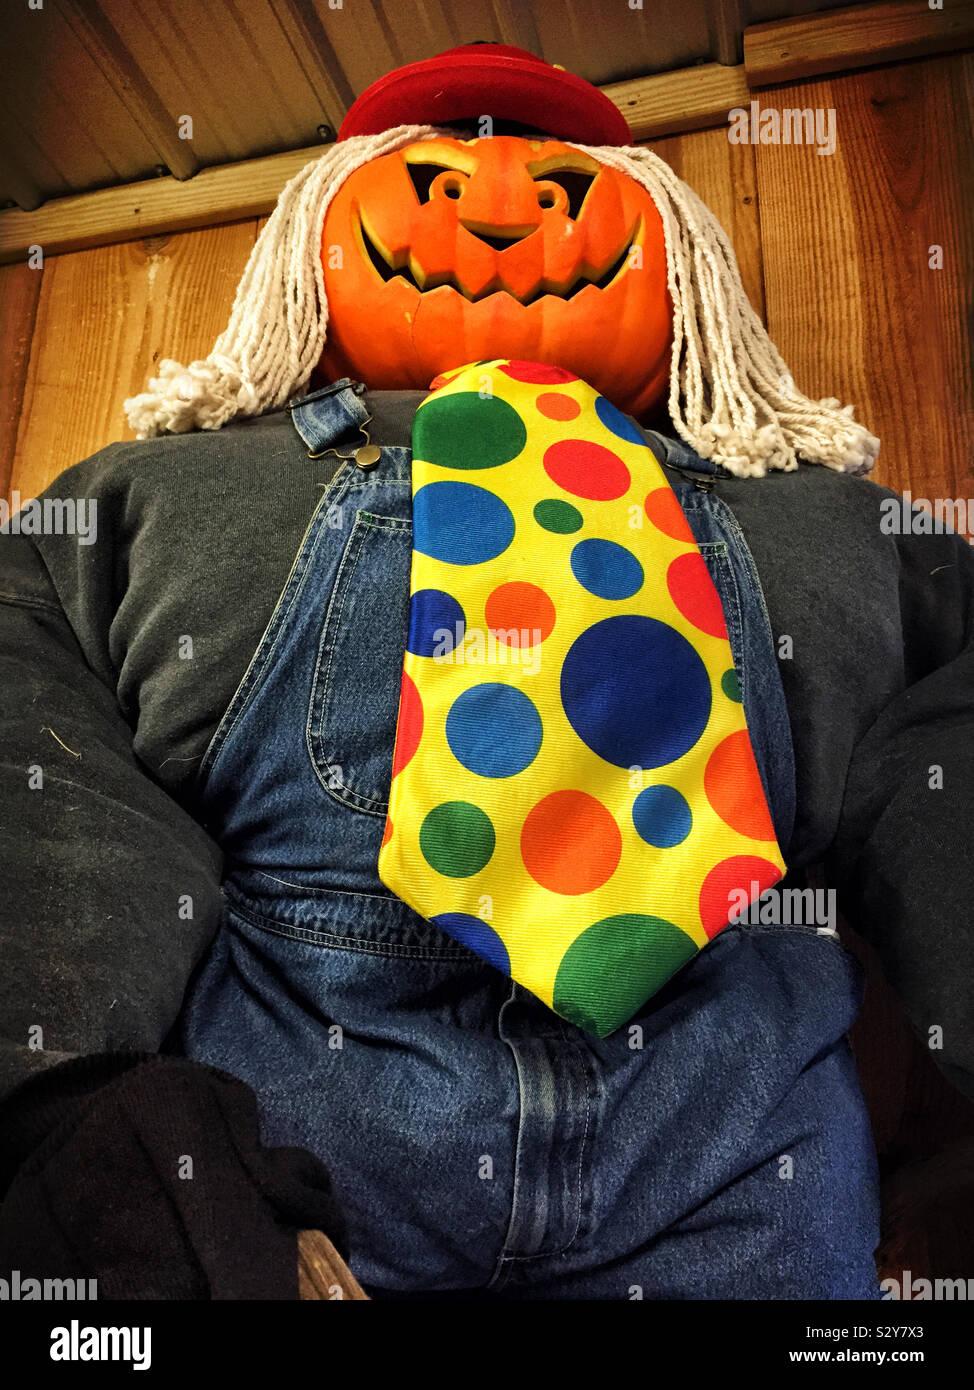 El Espantapájaros de Halloween con una calabaza sonriente cabeza tallada y una fregona para su cabello. Él está usando un mono y tiene un lazo de lunares. Foto de stock